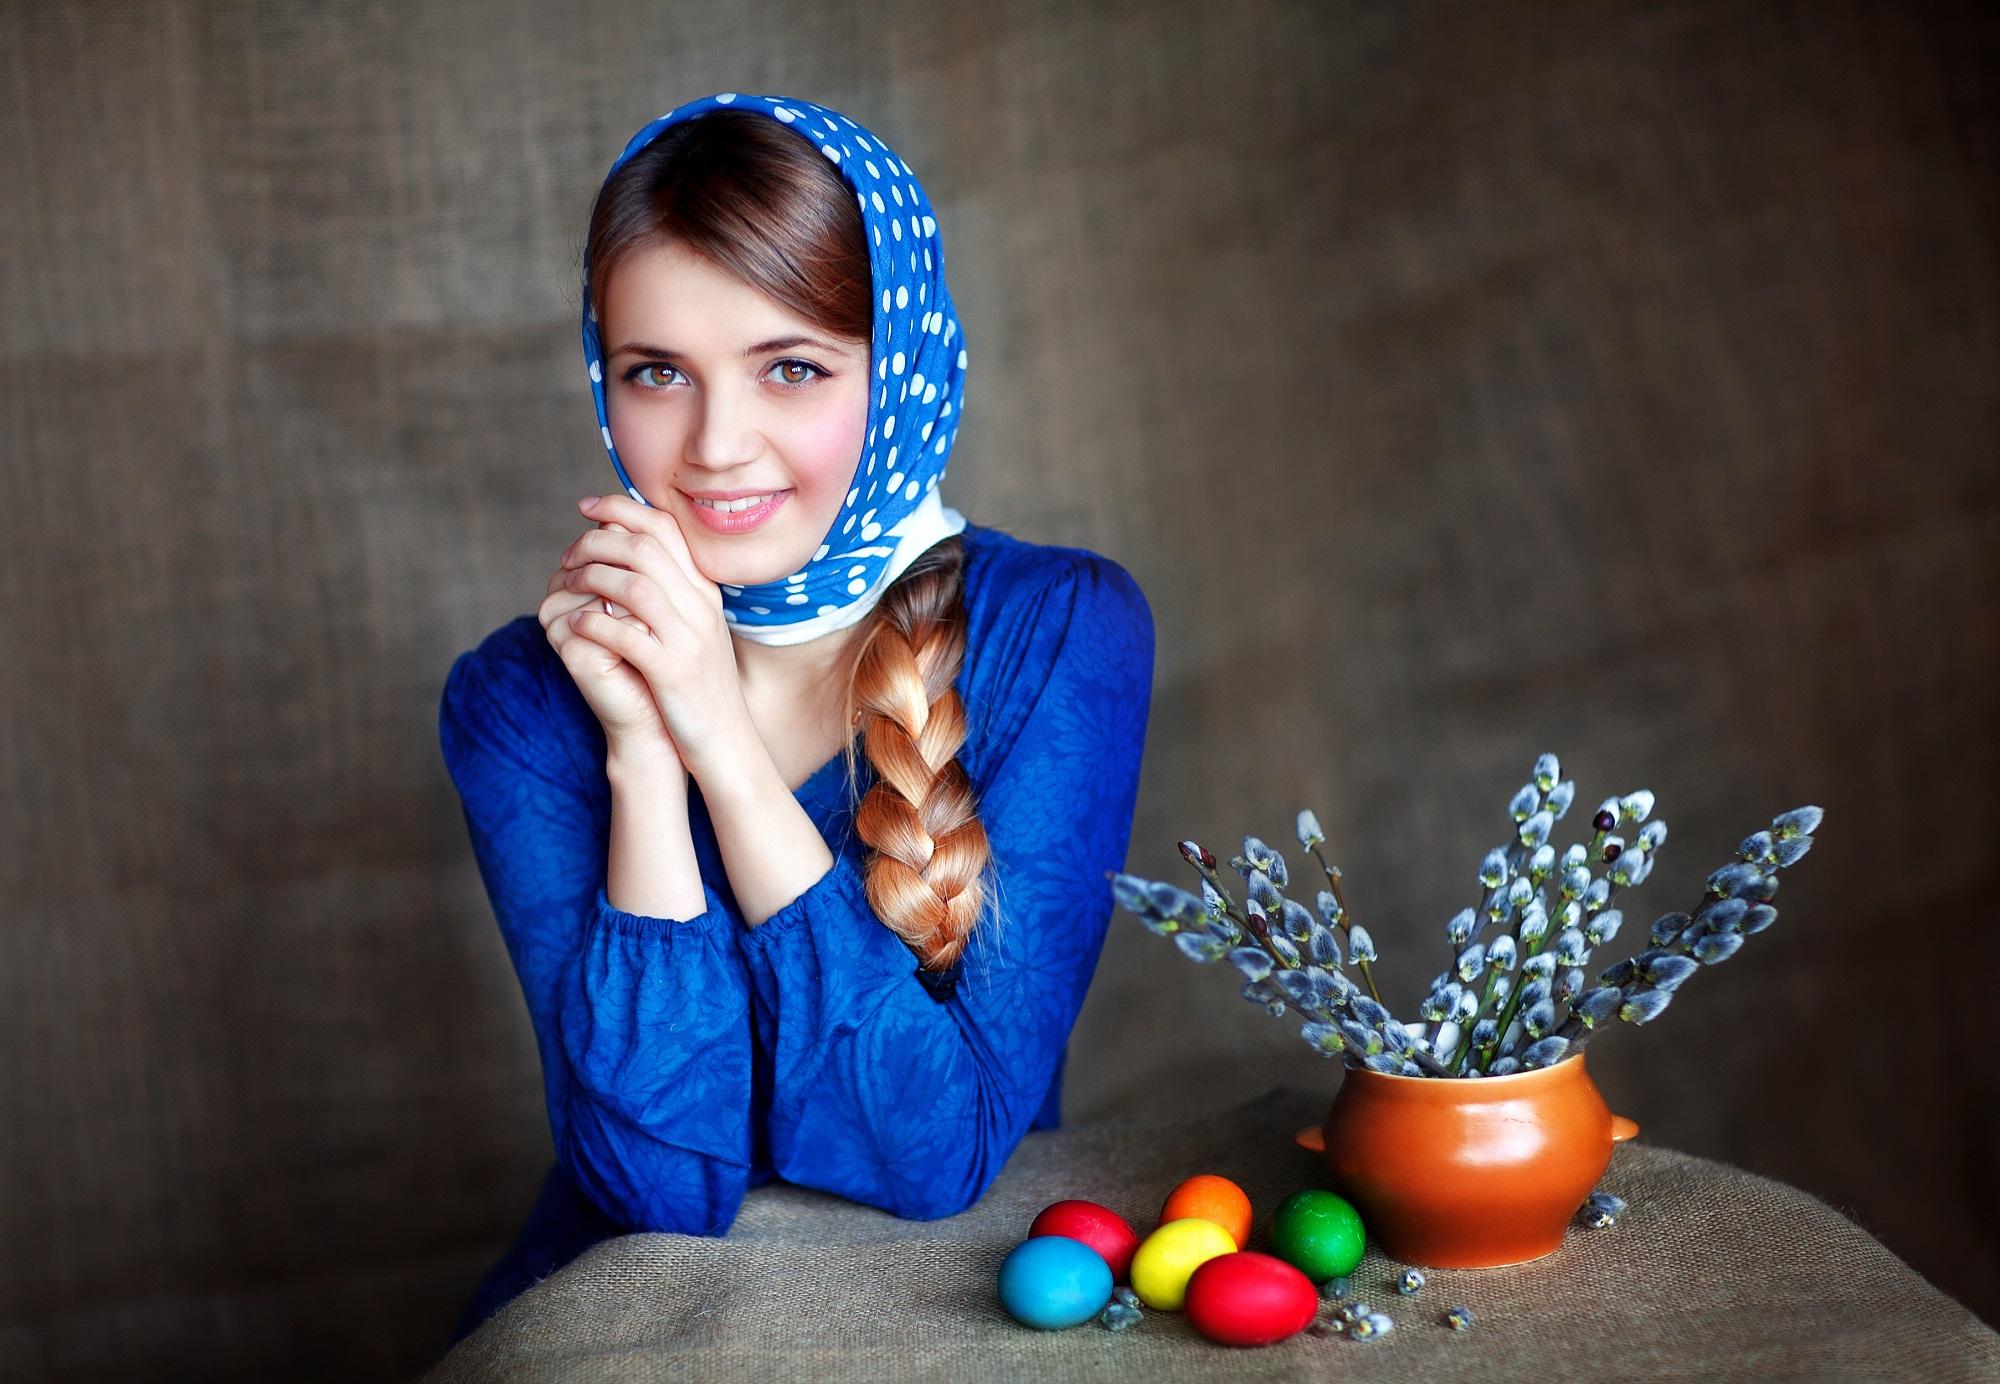 Православные праздники в календаре 2018 года. Источник фото: Shutterstock